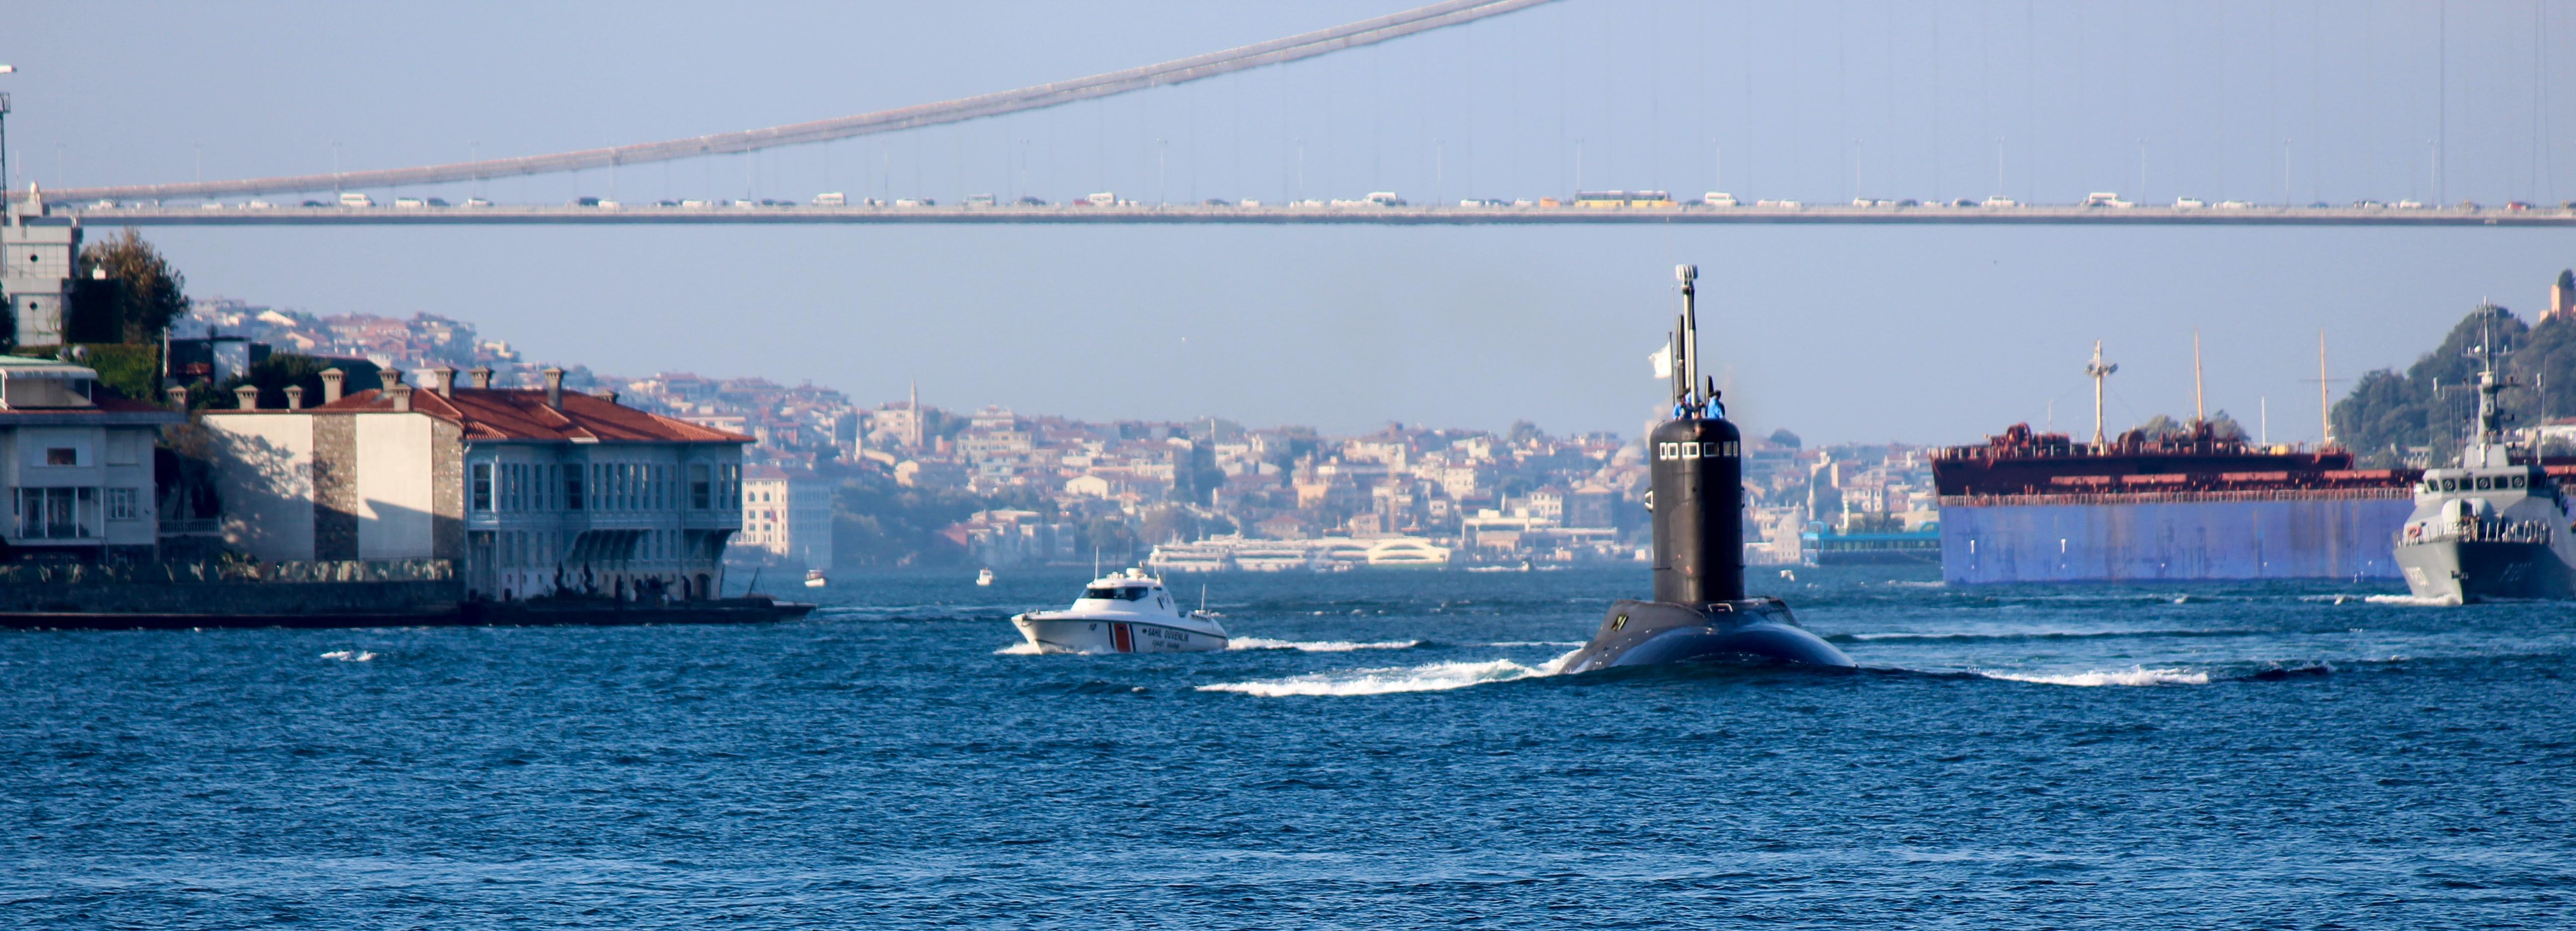 Αποτέλεσμα εικόνας για Russian ships to bosphorus